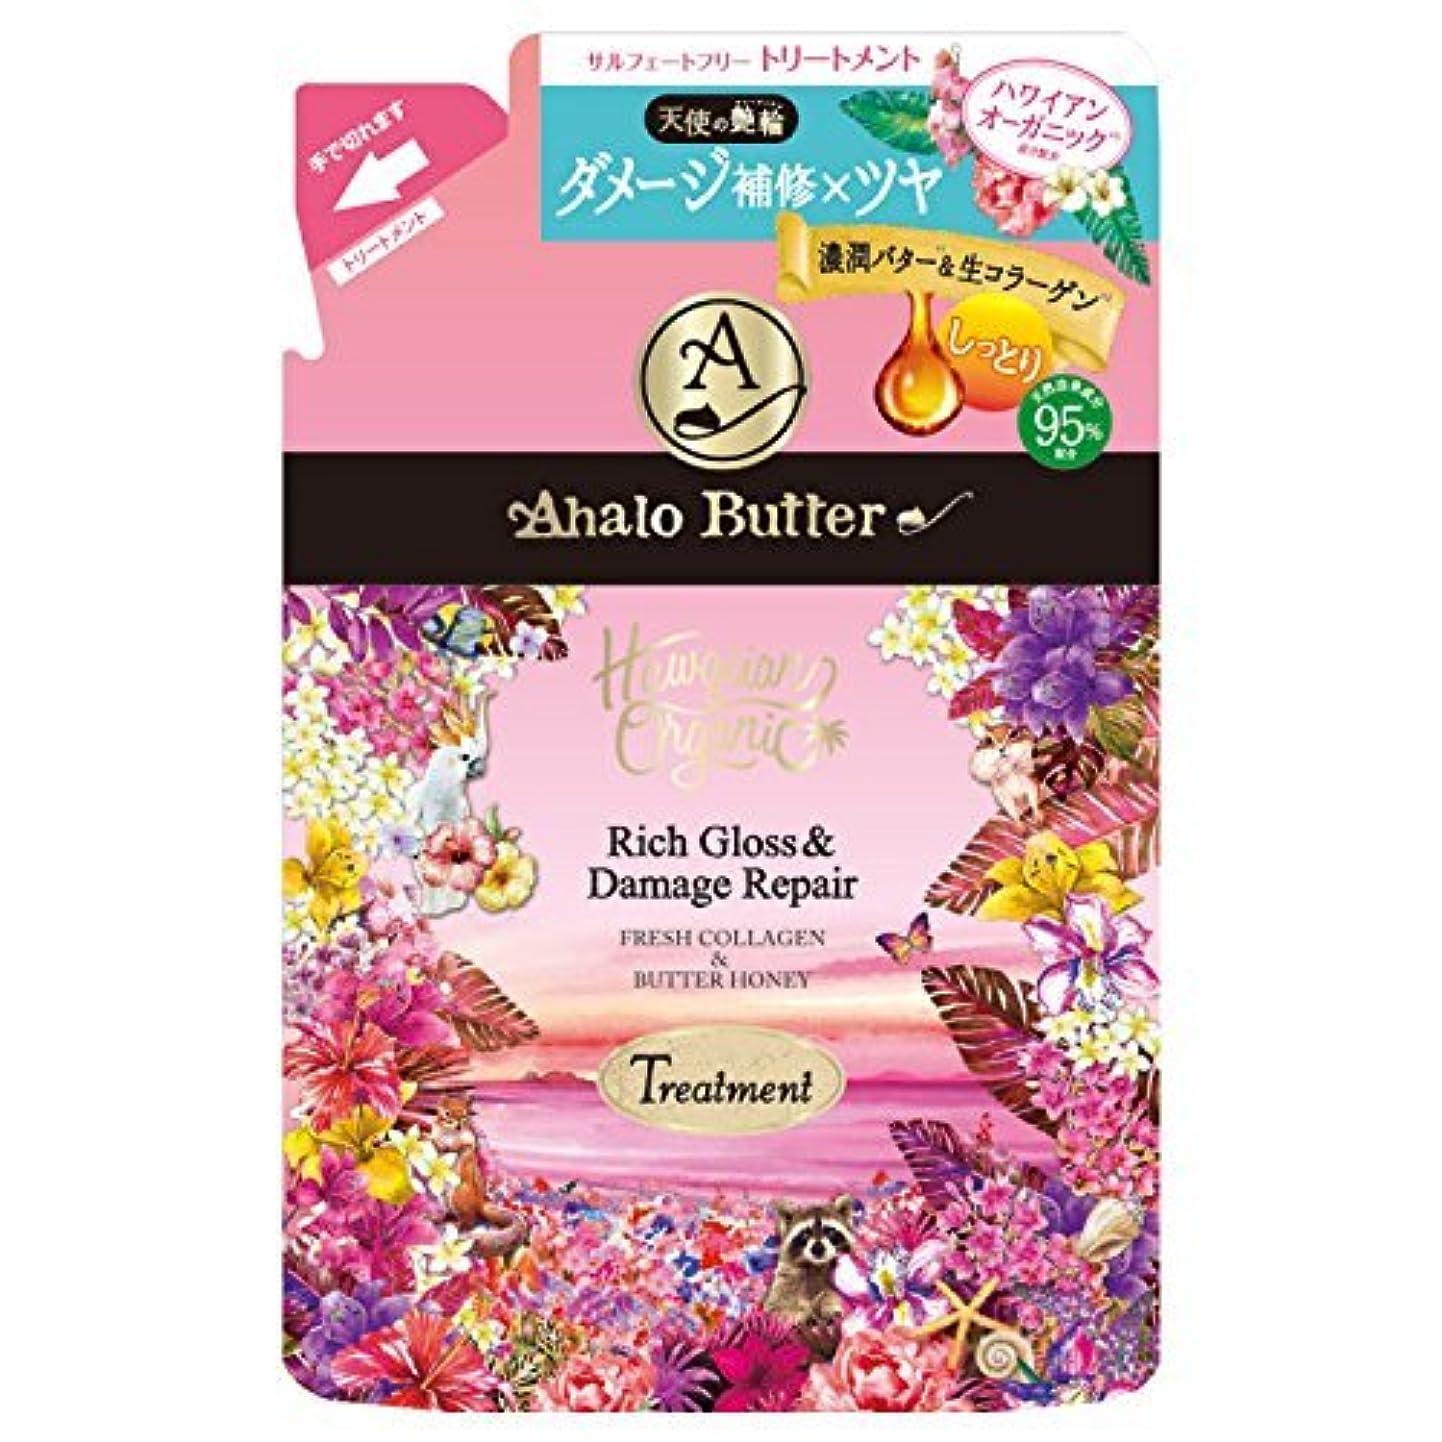 トーナメントドリンクフォローAhalo butter(アハロバター) ハワイアンオーガニック リッチグロス&ダメージリペアトリートメント / 詰め替え / 400ml